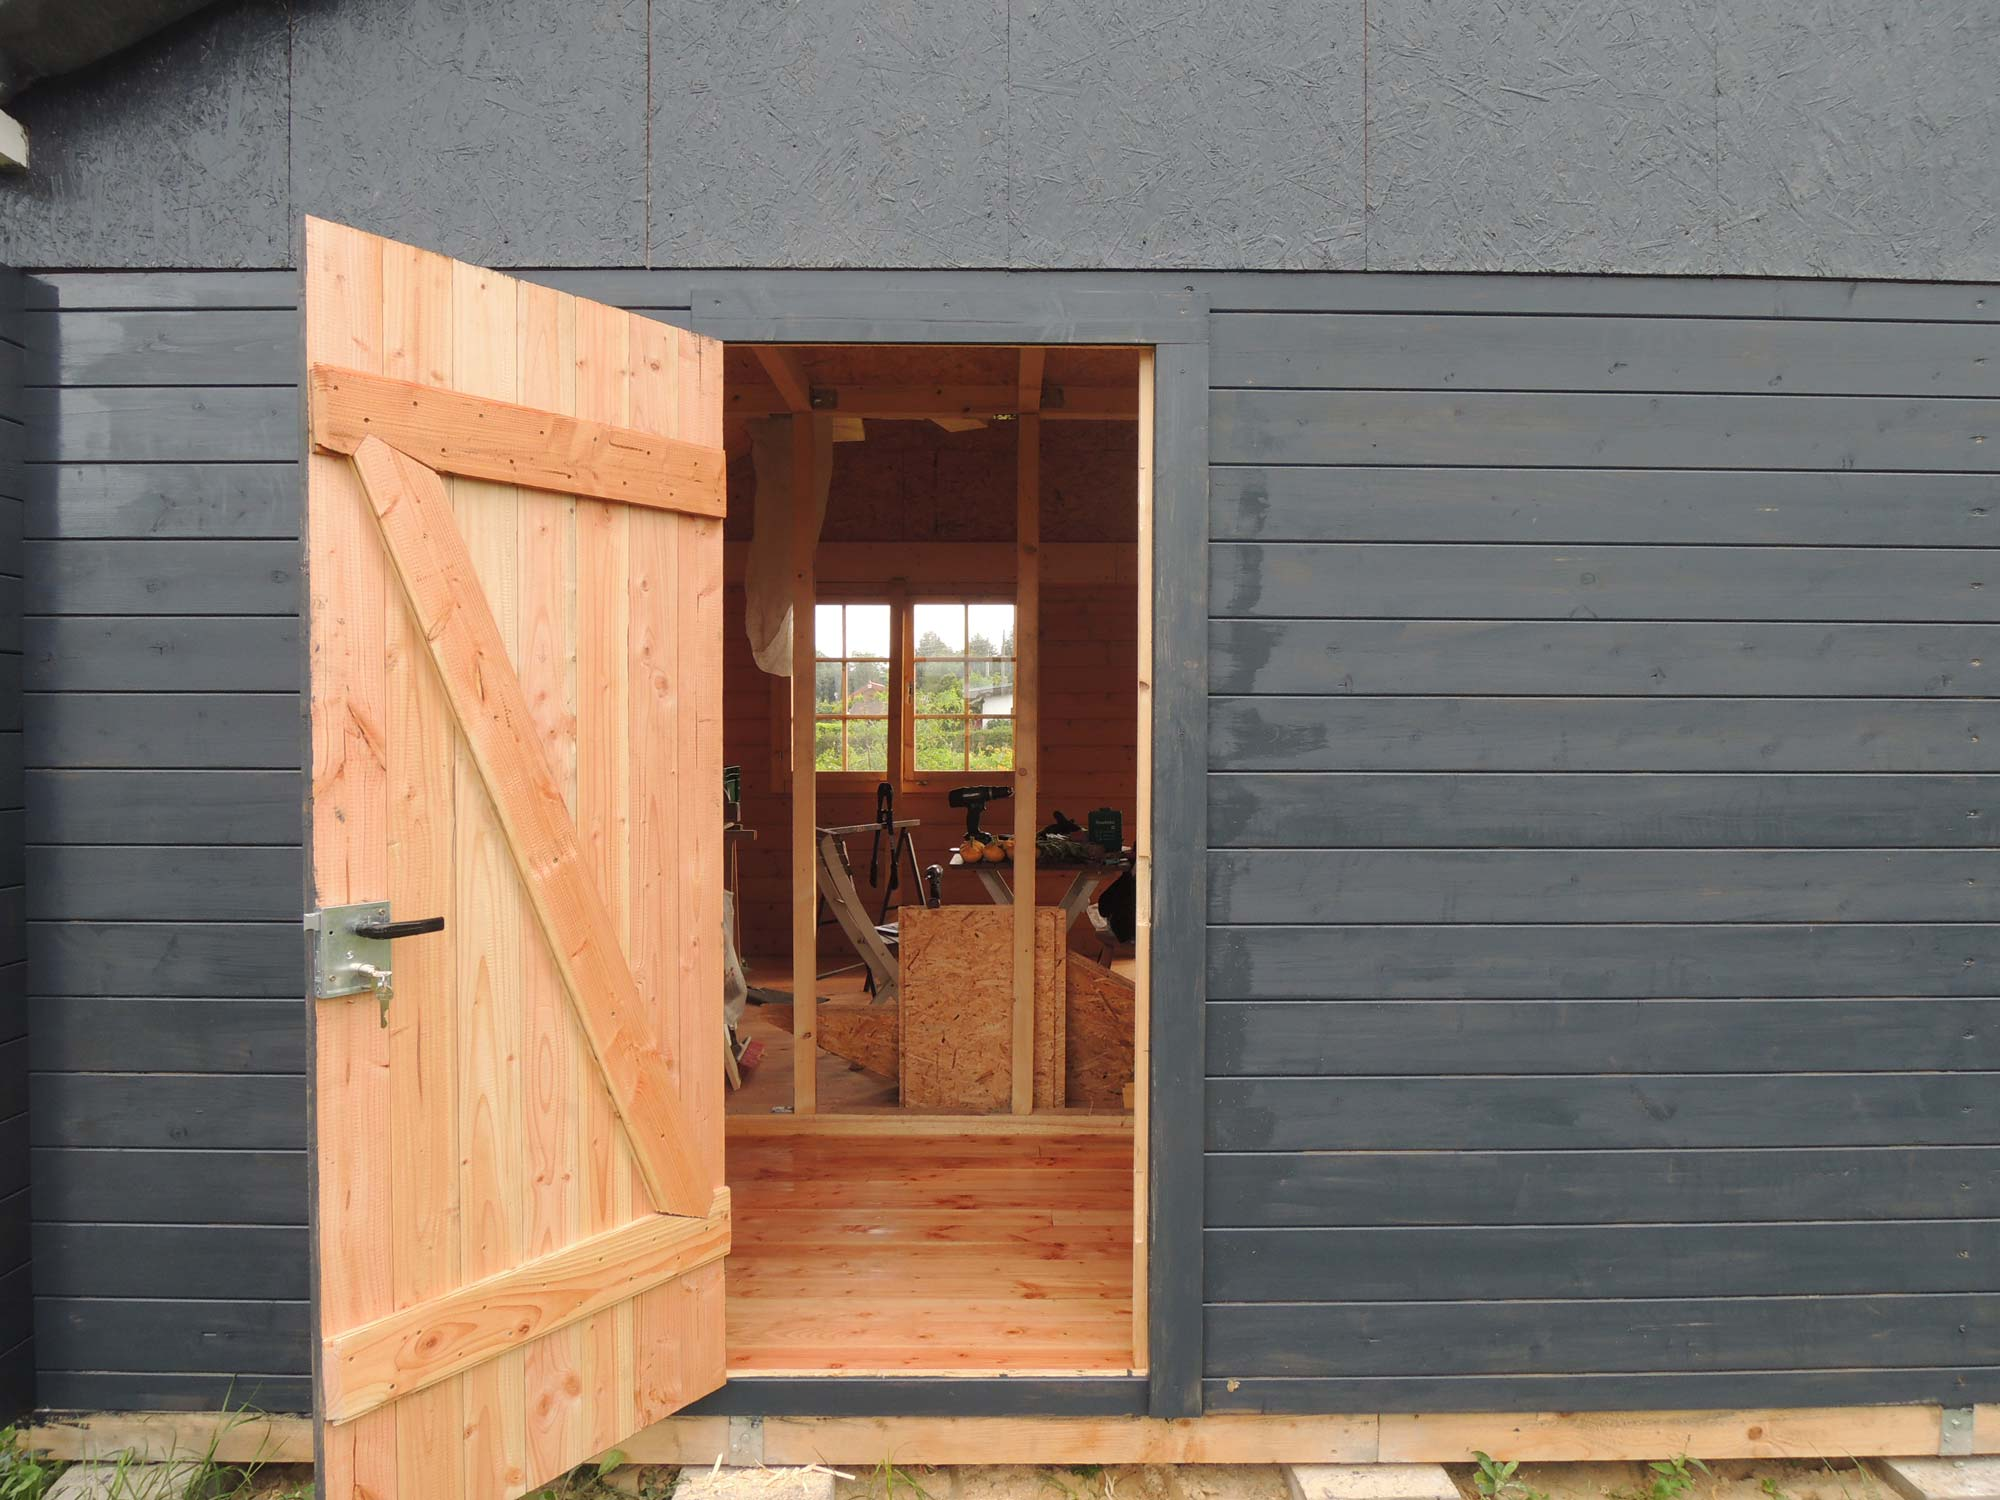 holztuer selber bauen fertige tuer geoeffnet ein st ck arbeit. Black Bedroom Furniture Sets. Home Design Ideas